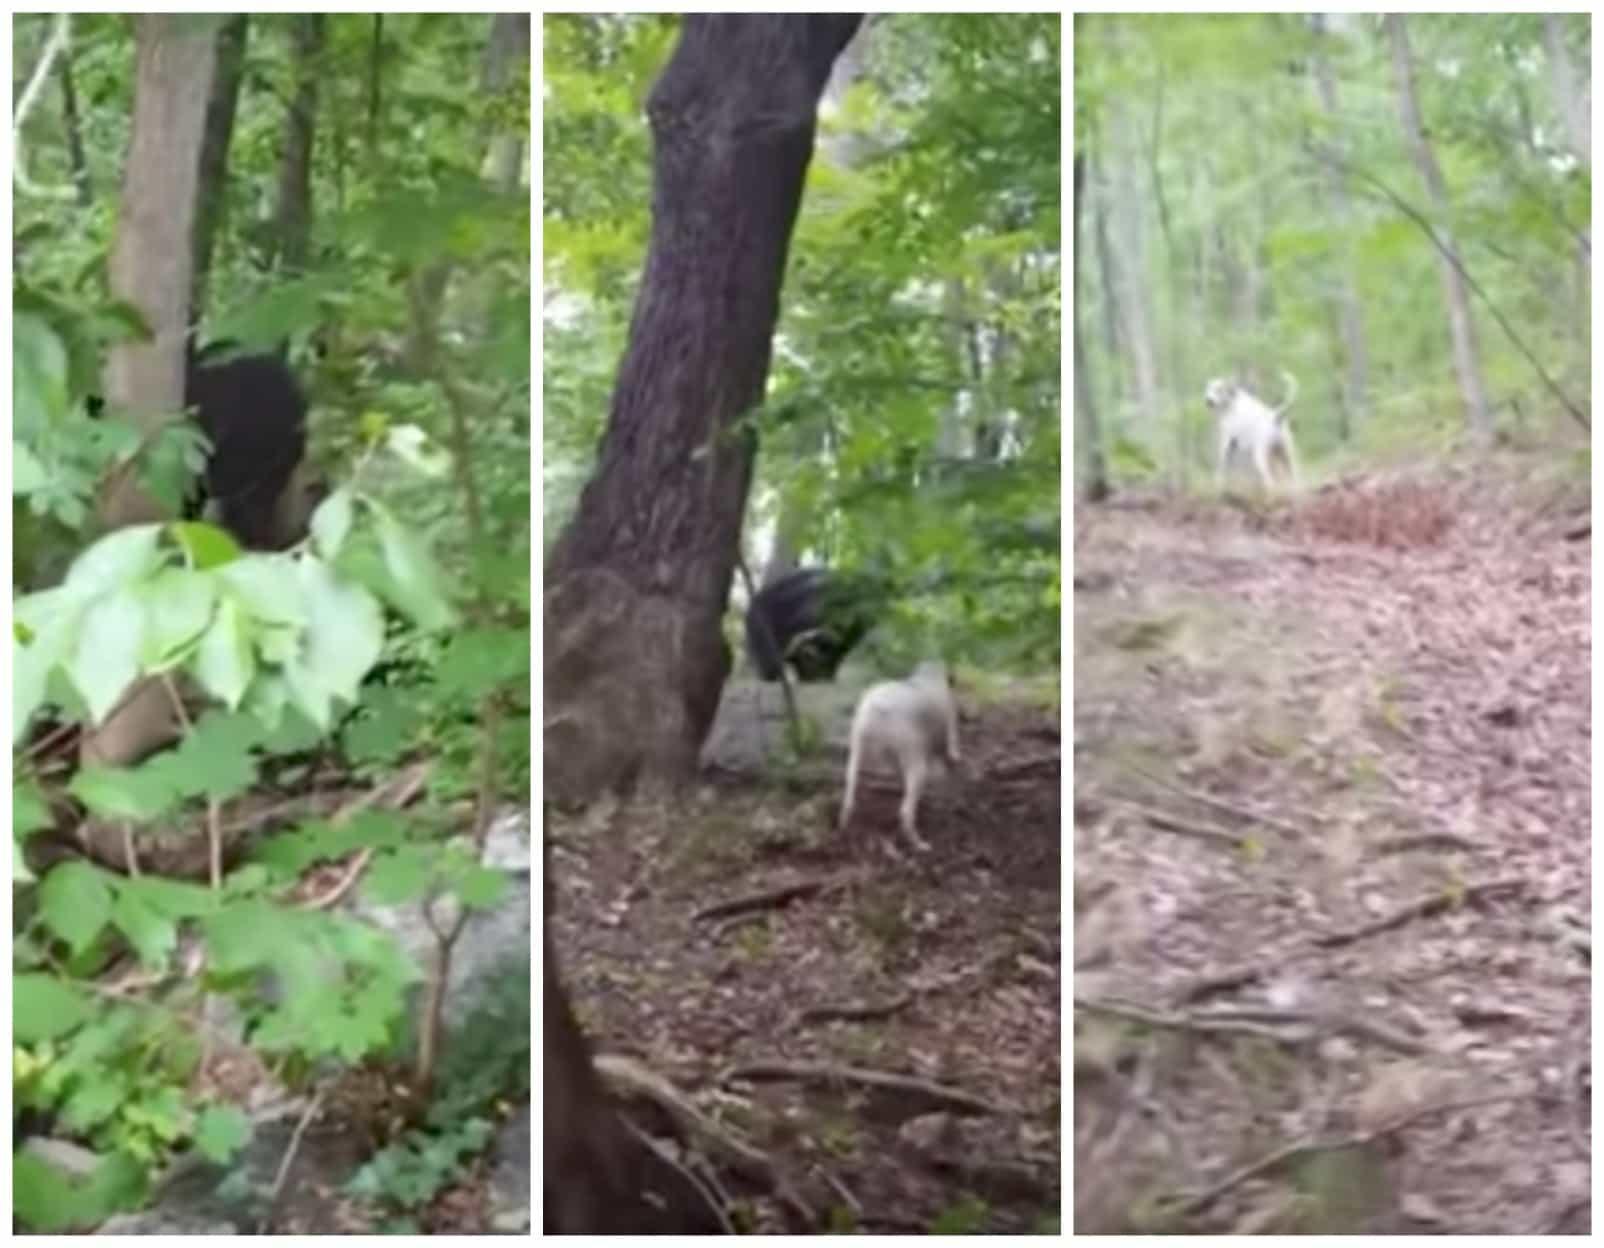 Perro persigue a un oso. Pulzo.